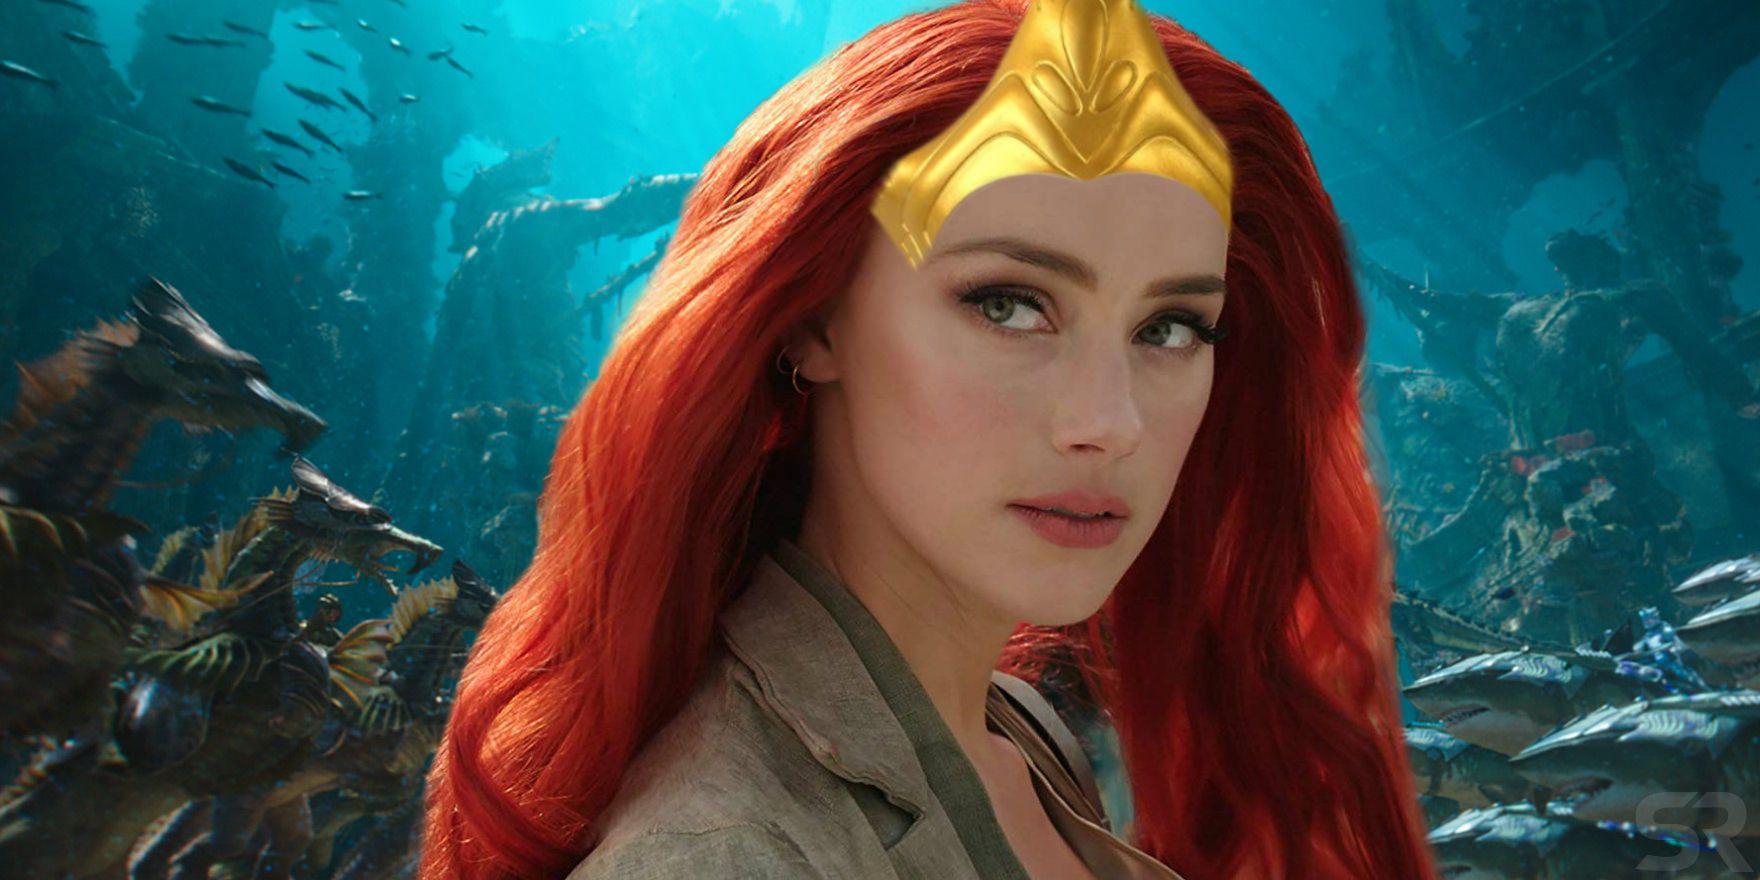 Queen Atlantis